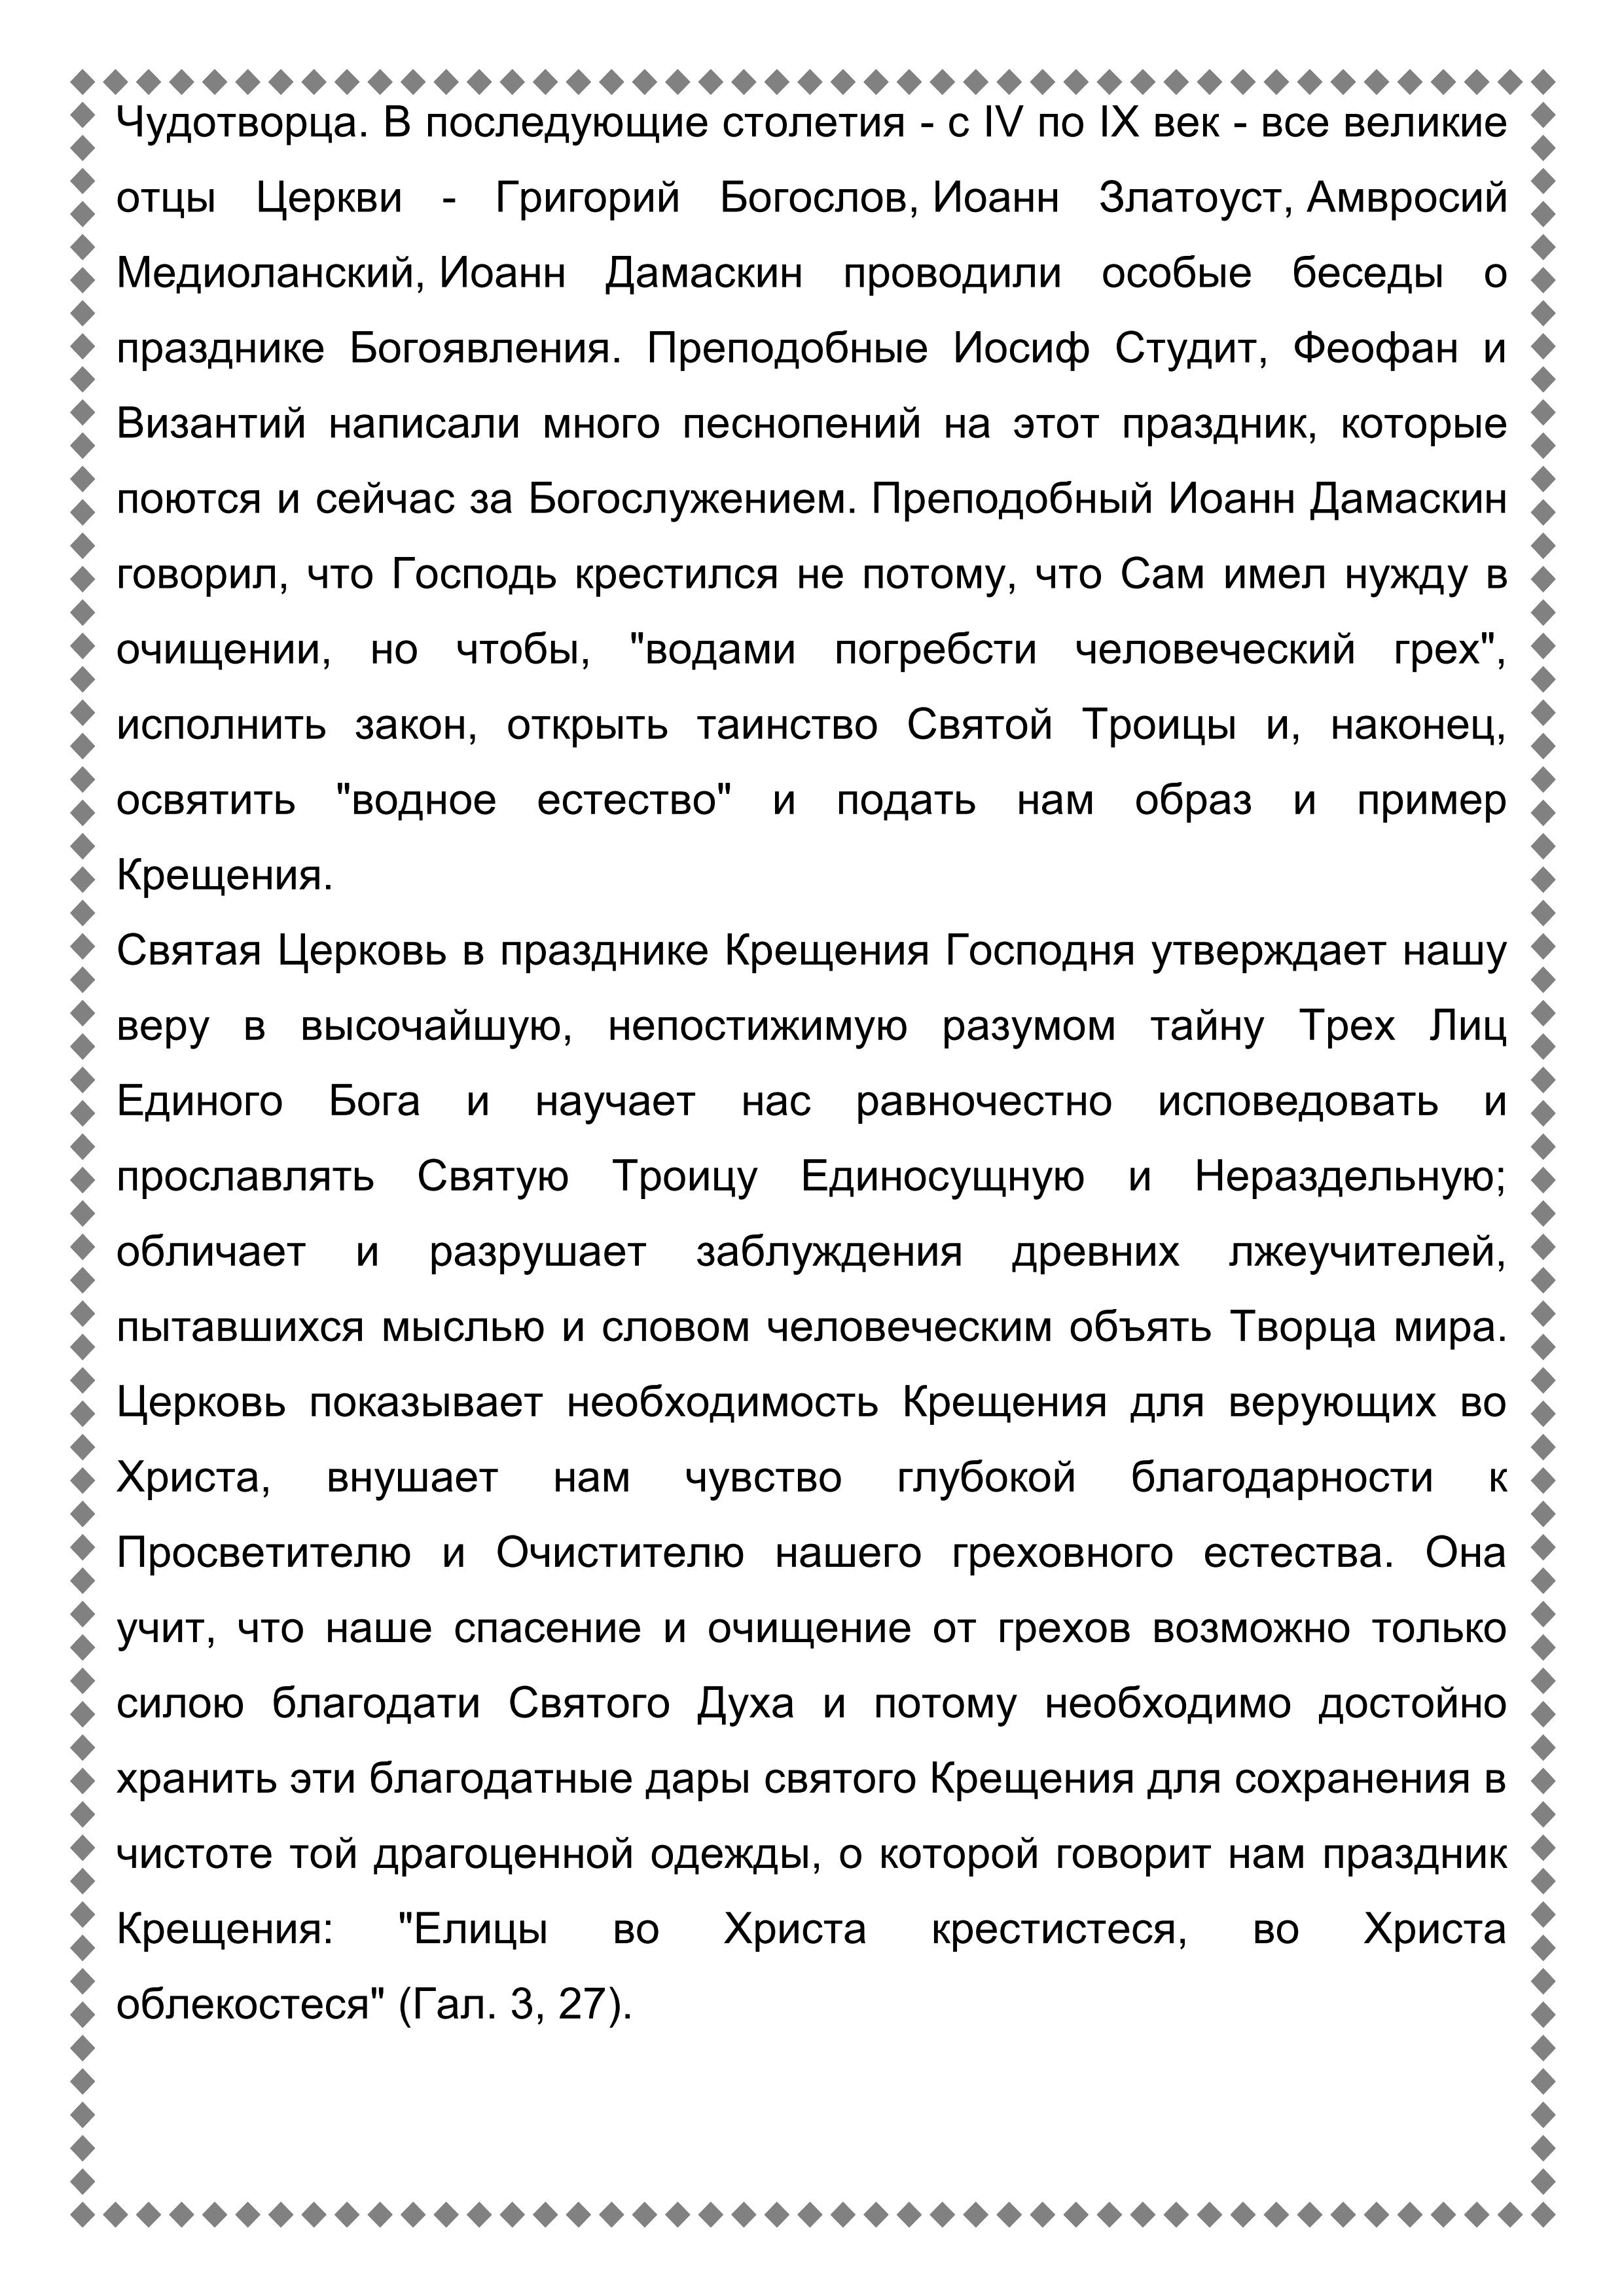 О празднике Богоявления_02